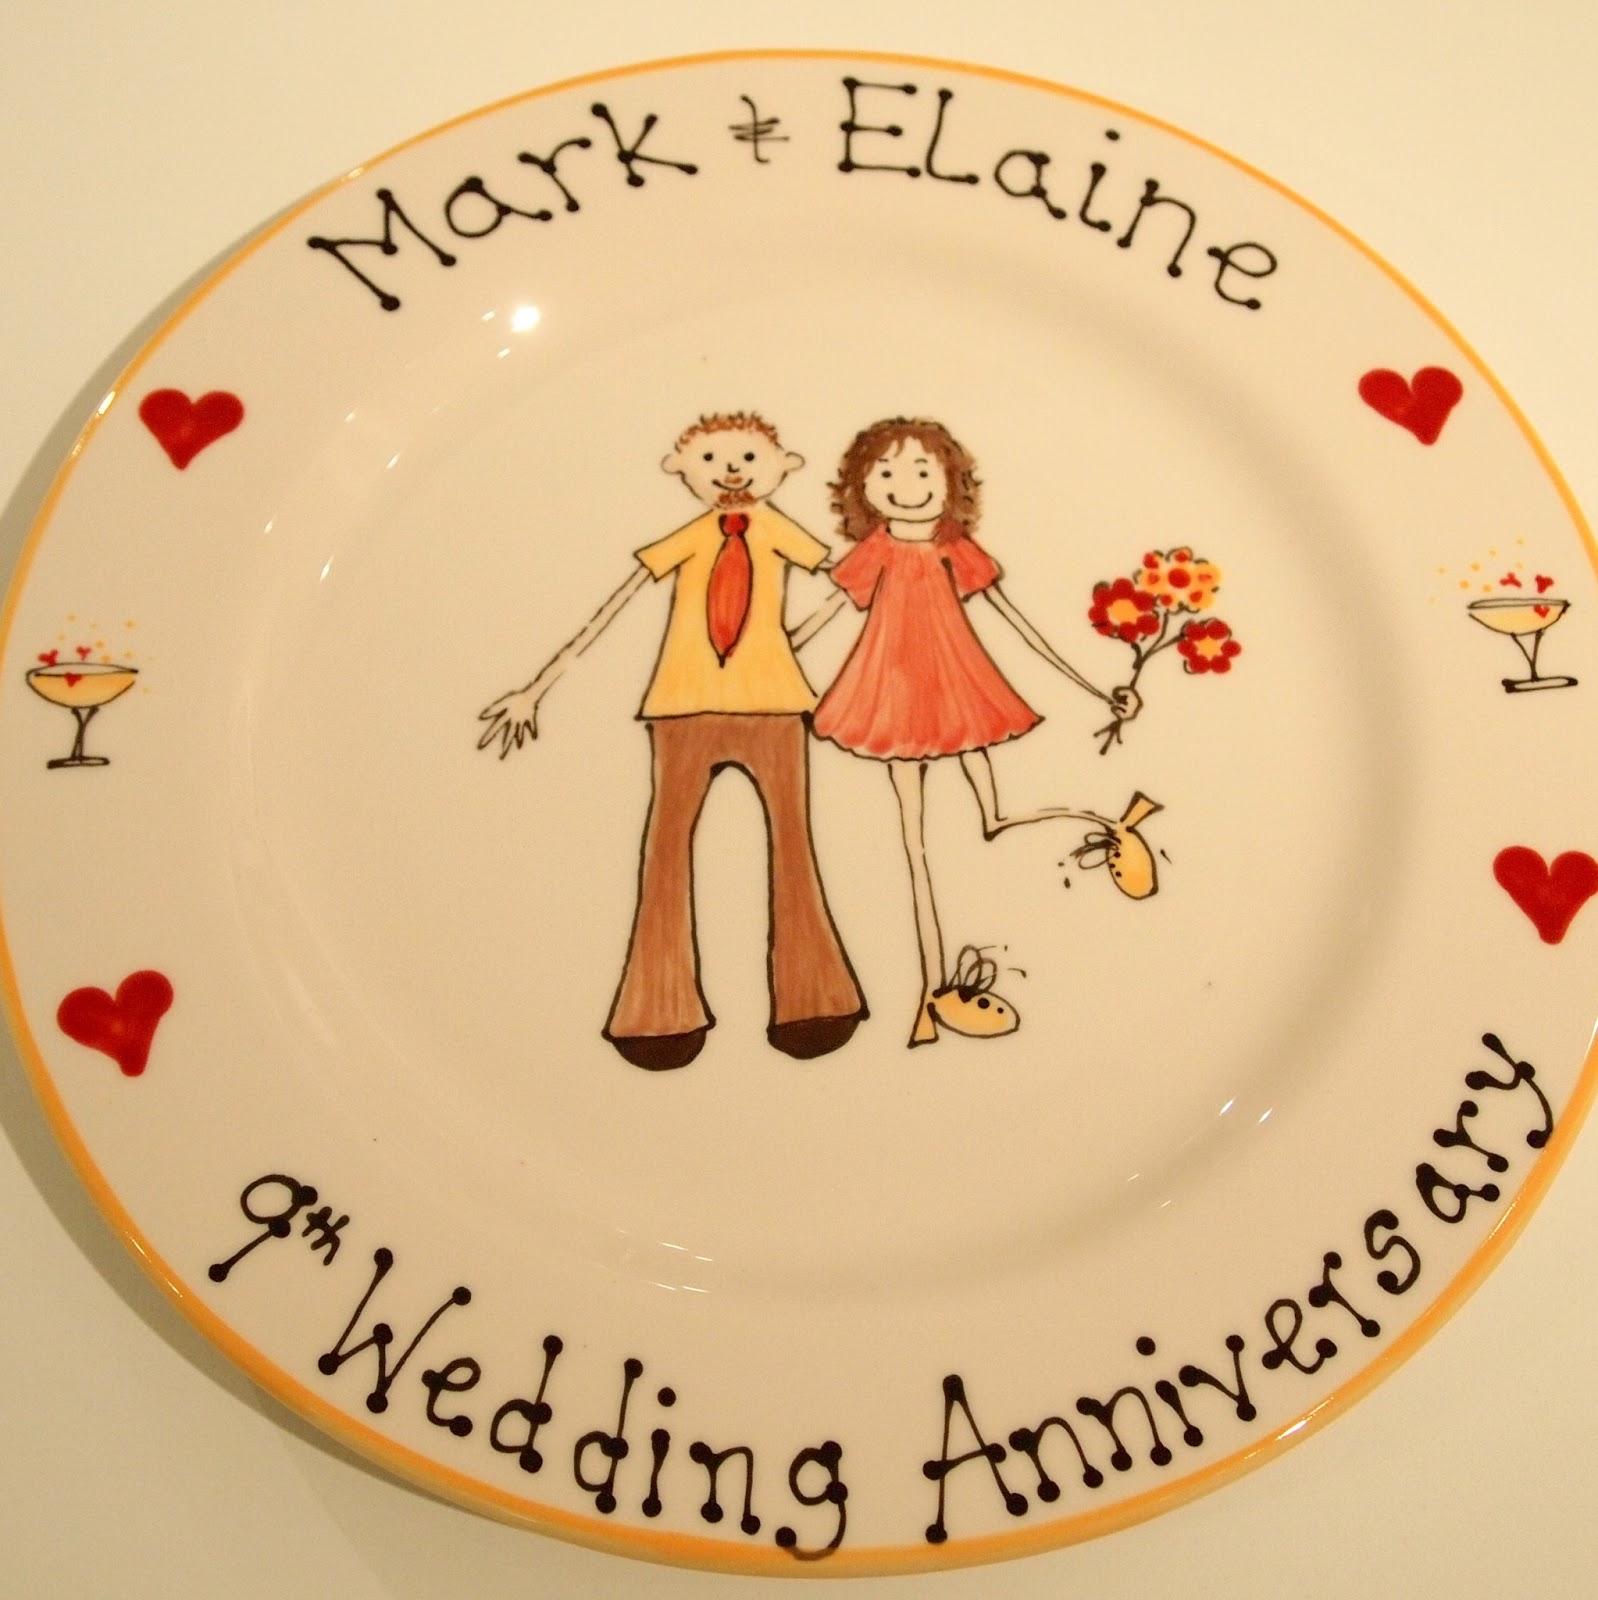 http://1.bp.blogspot.com/-5oGb-aBoTac/UQIcaIGuAeI/AAAAAAAAJBc/D0BILmcSlwo/s1600/wedding+anniversary+hd+wallpapers.jpg